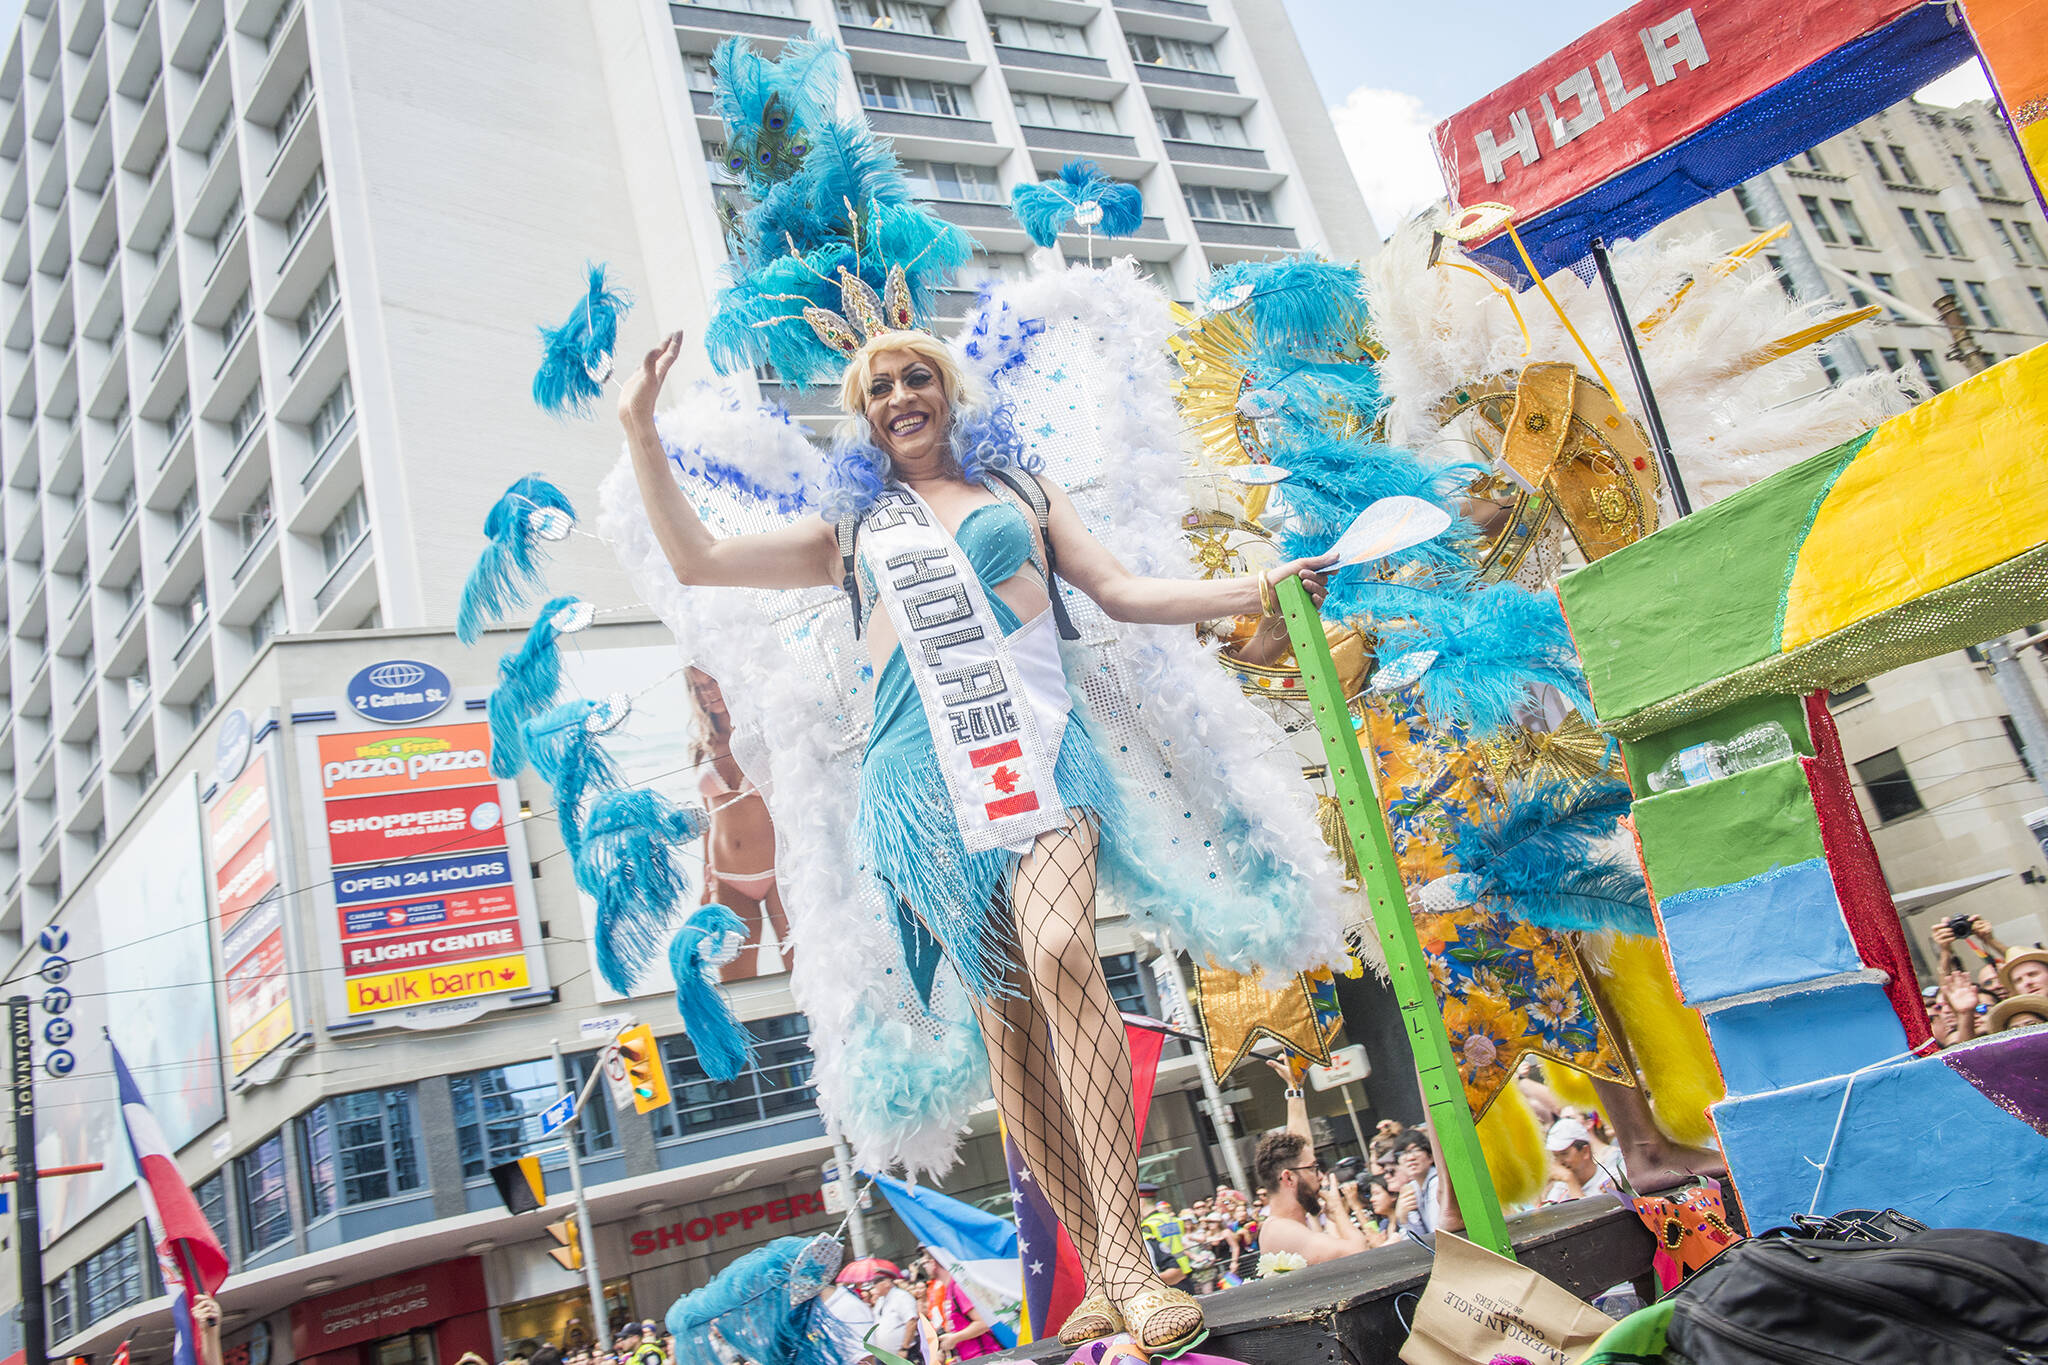 toronto pride events 2017